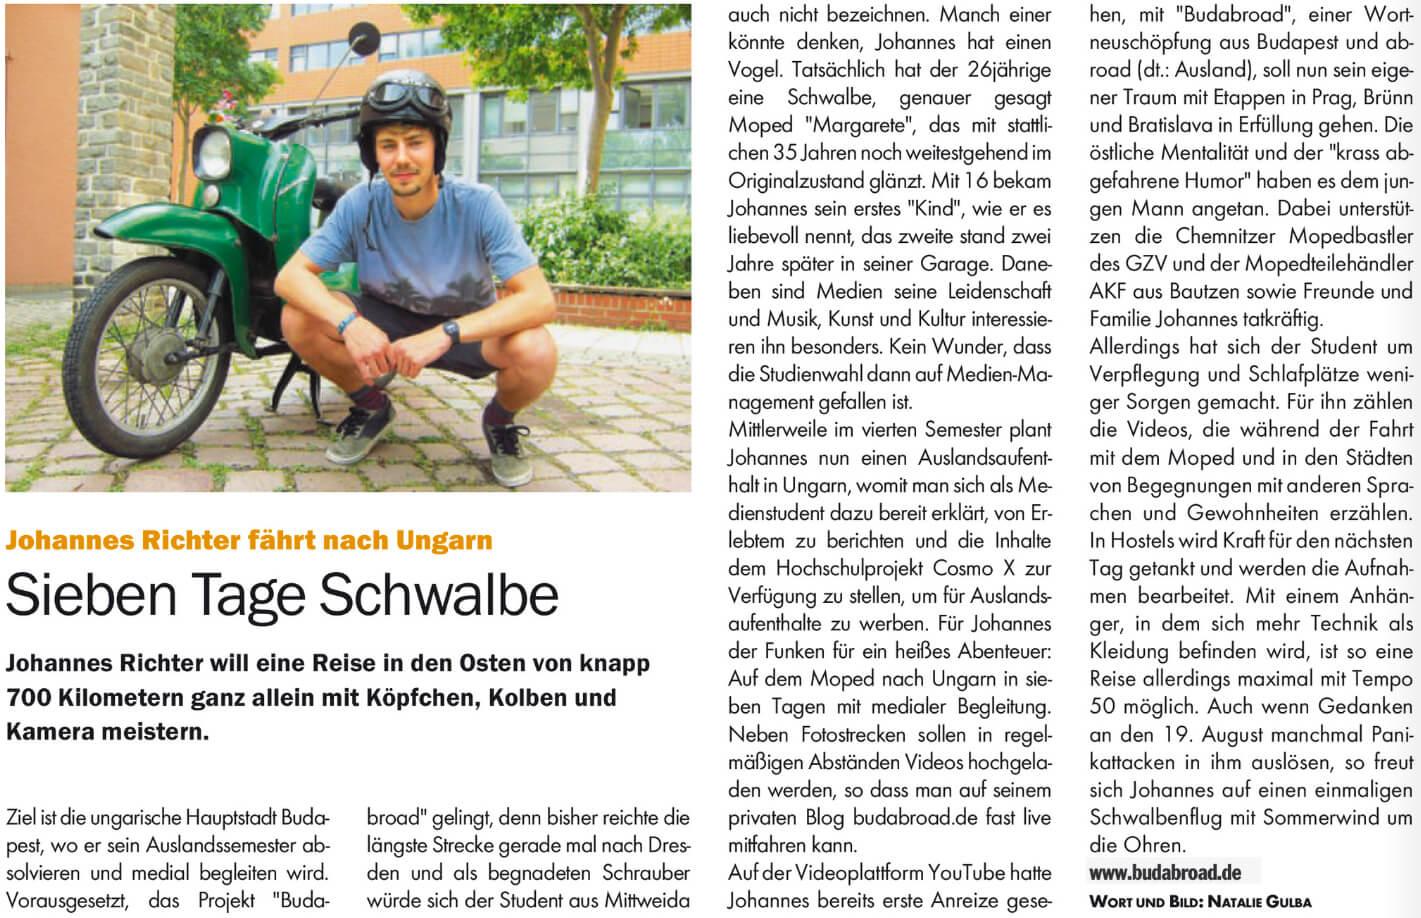 Budabroad im BLITZ!-Stadmagazin Chemnitz